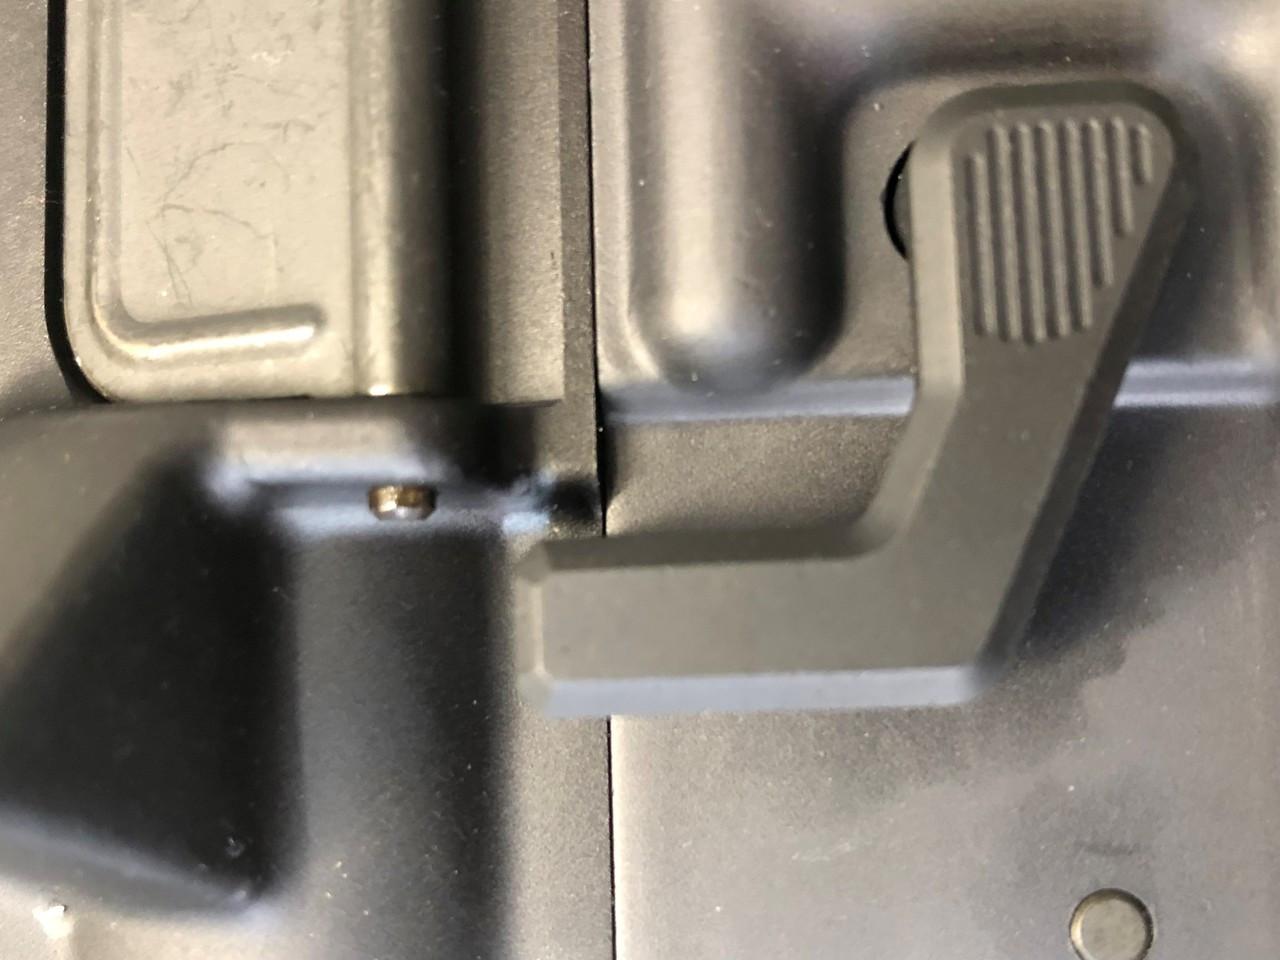 Del Ton DT Sport Mod2 CALIFORNIA LEGAL - 5.56mm